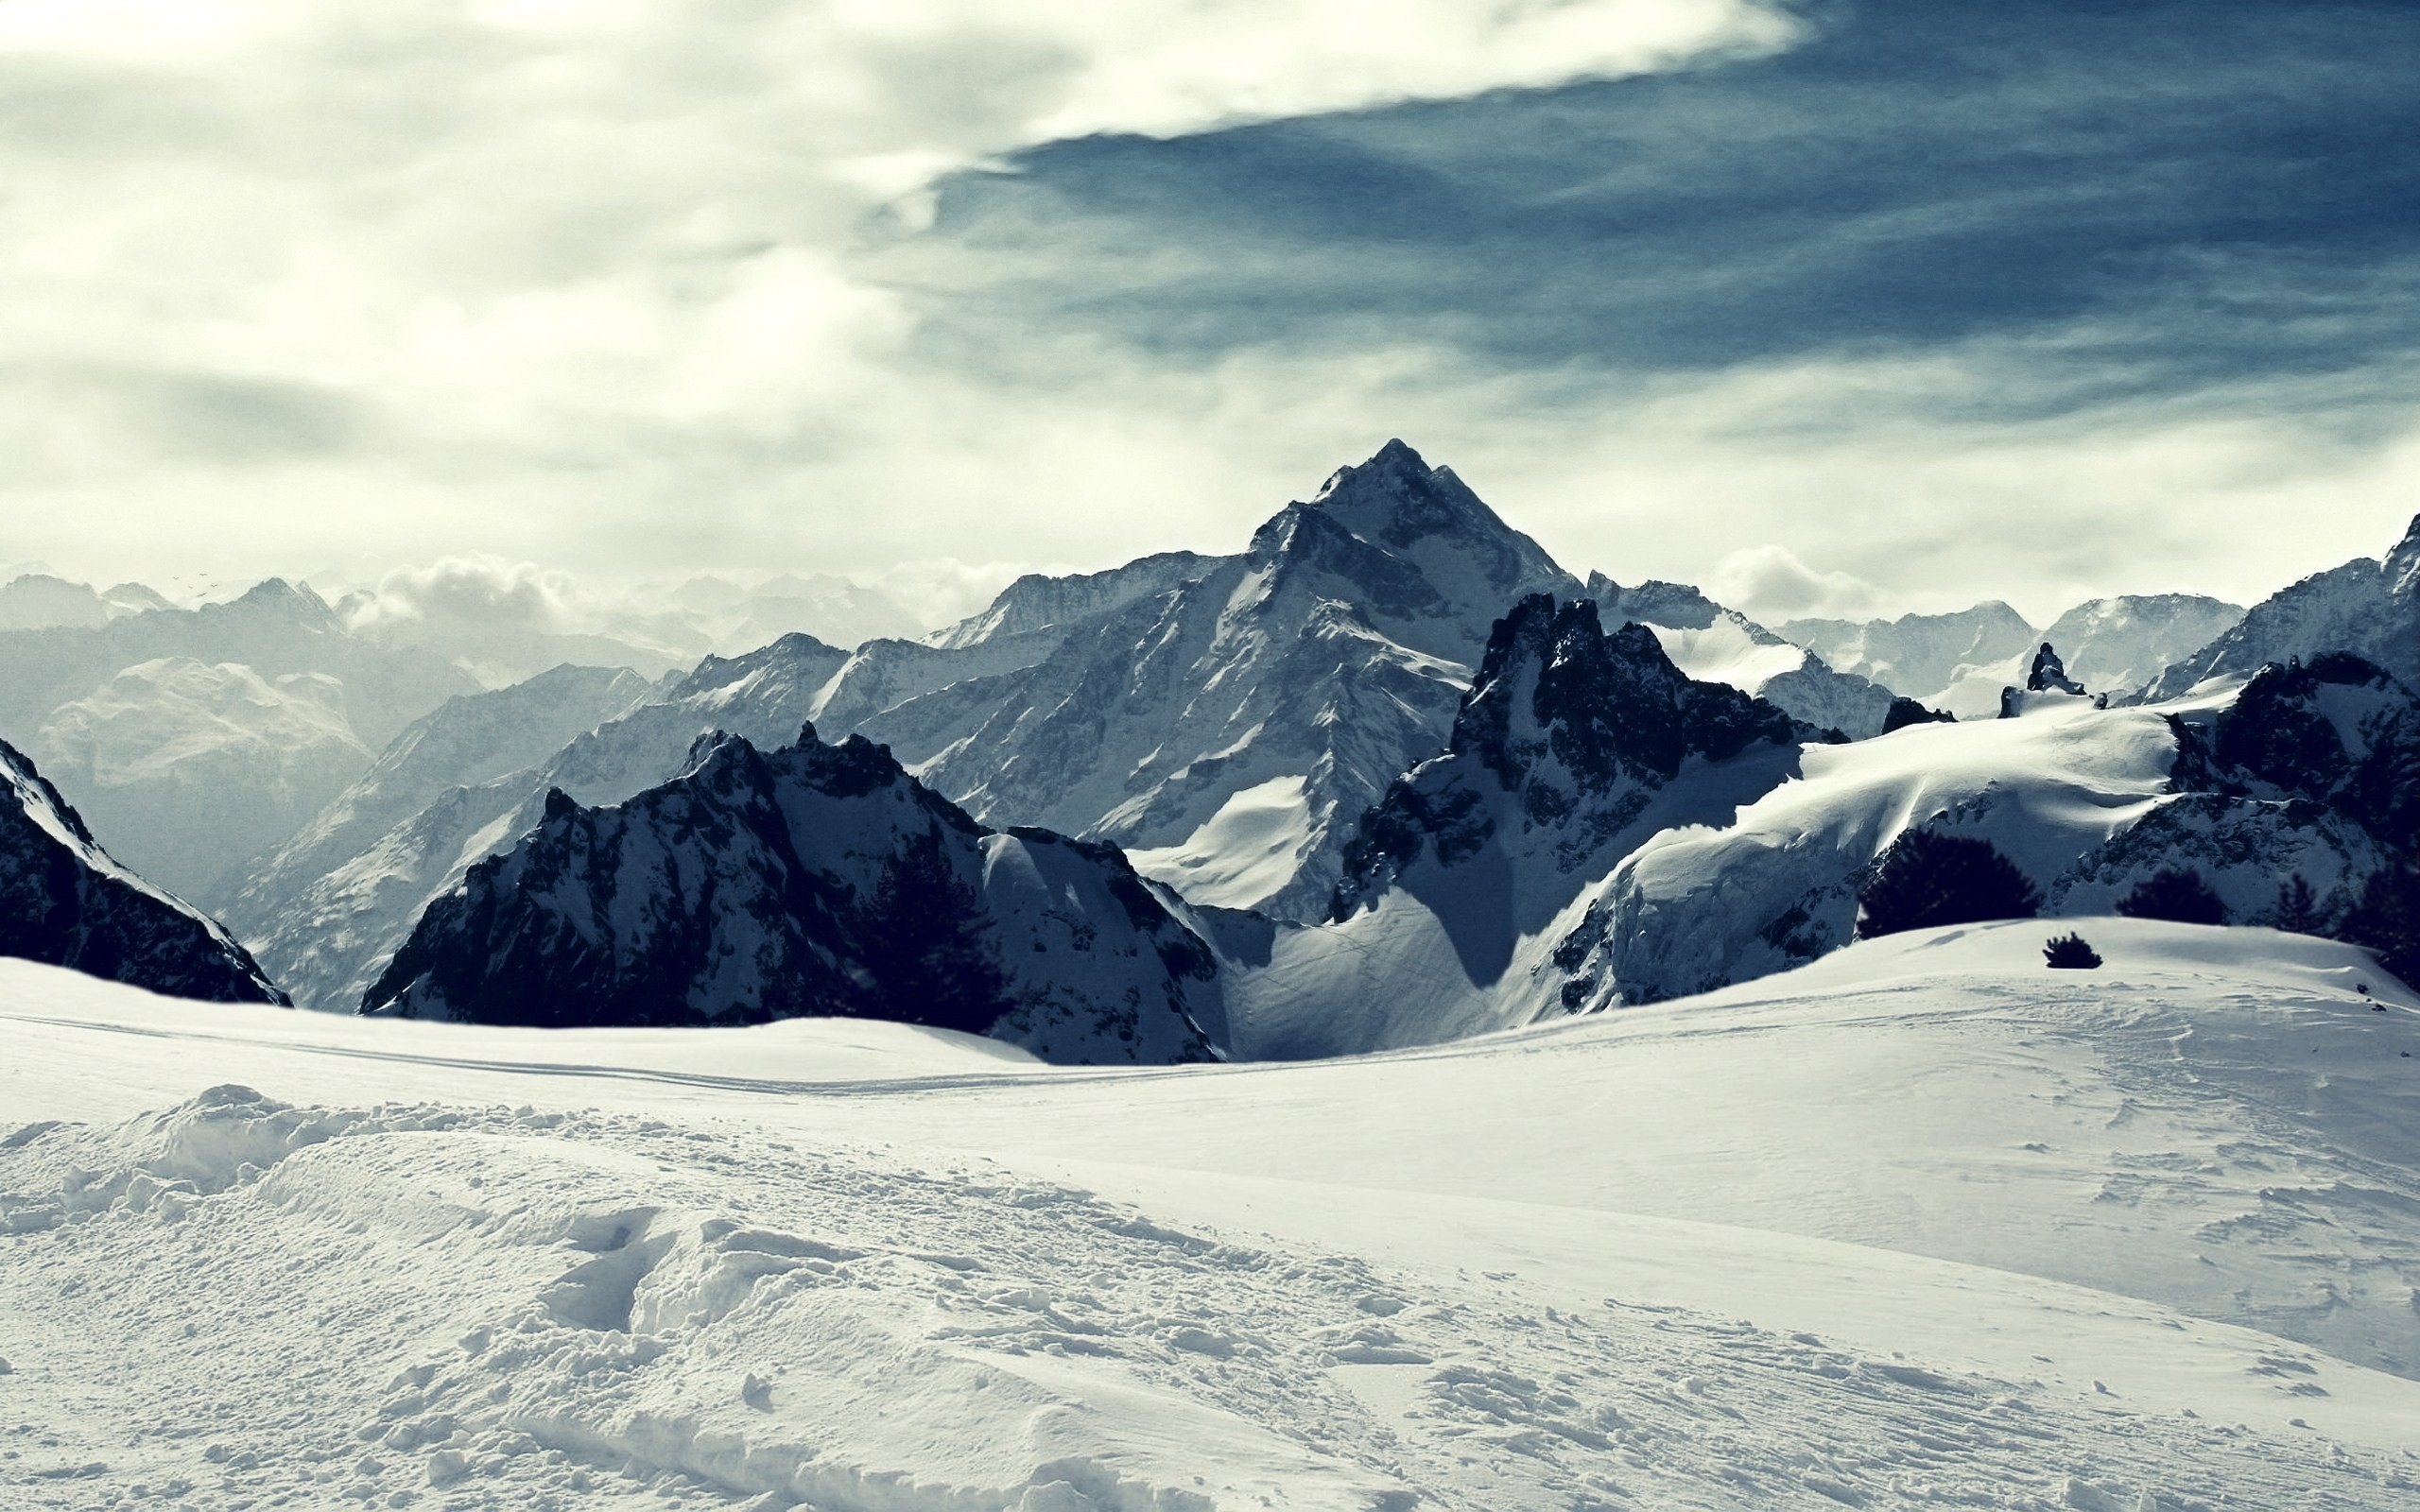 Mountainscape Wallpaper